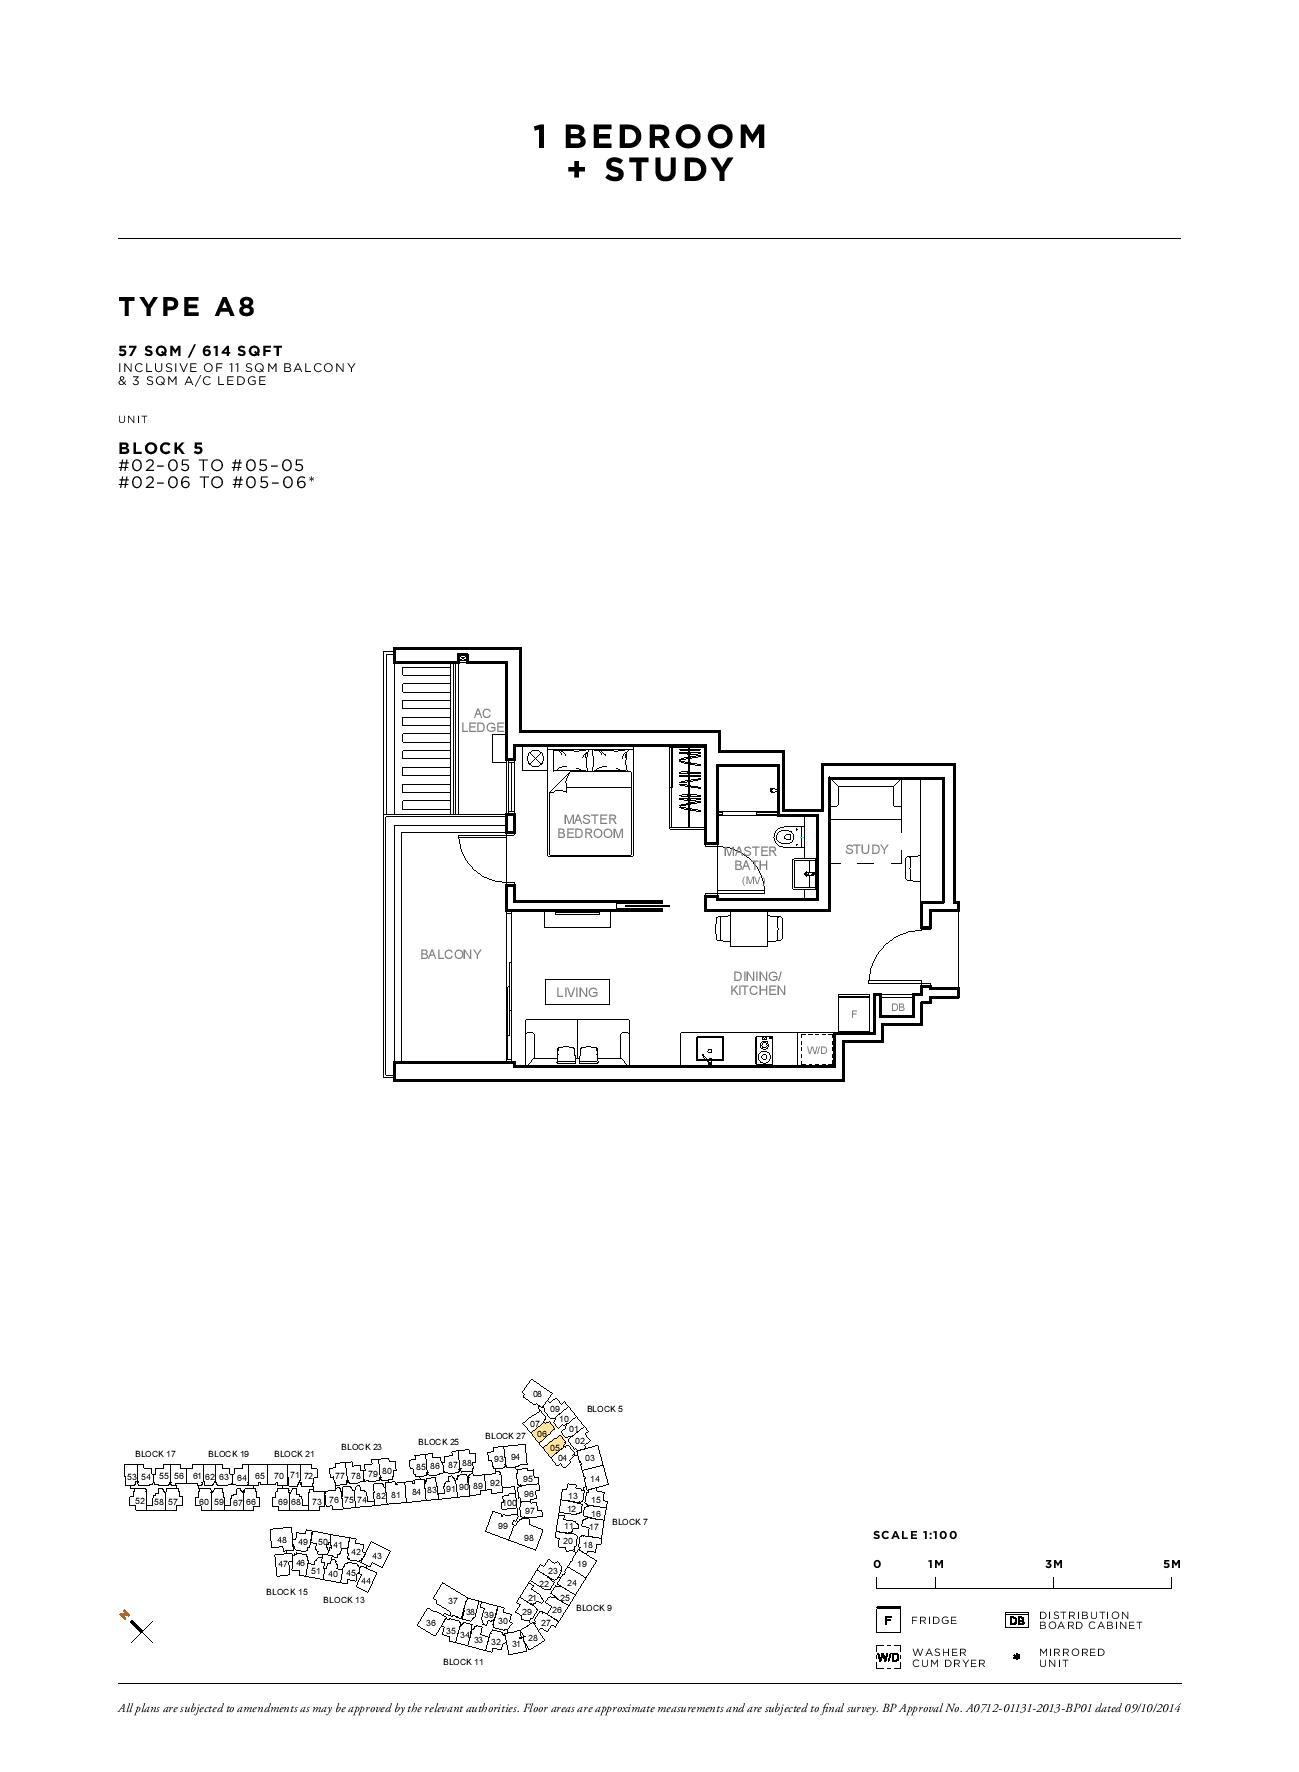 Sophia Hills 1 Bedroom + Study Type A8 Floor Plans